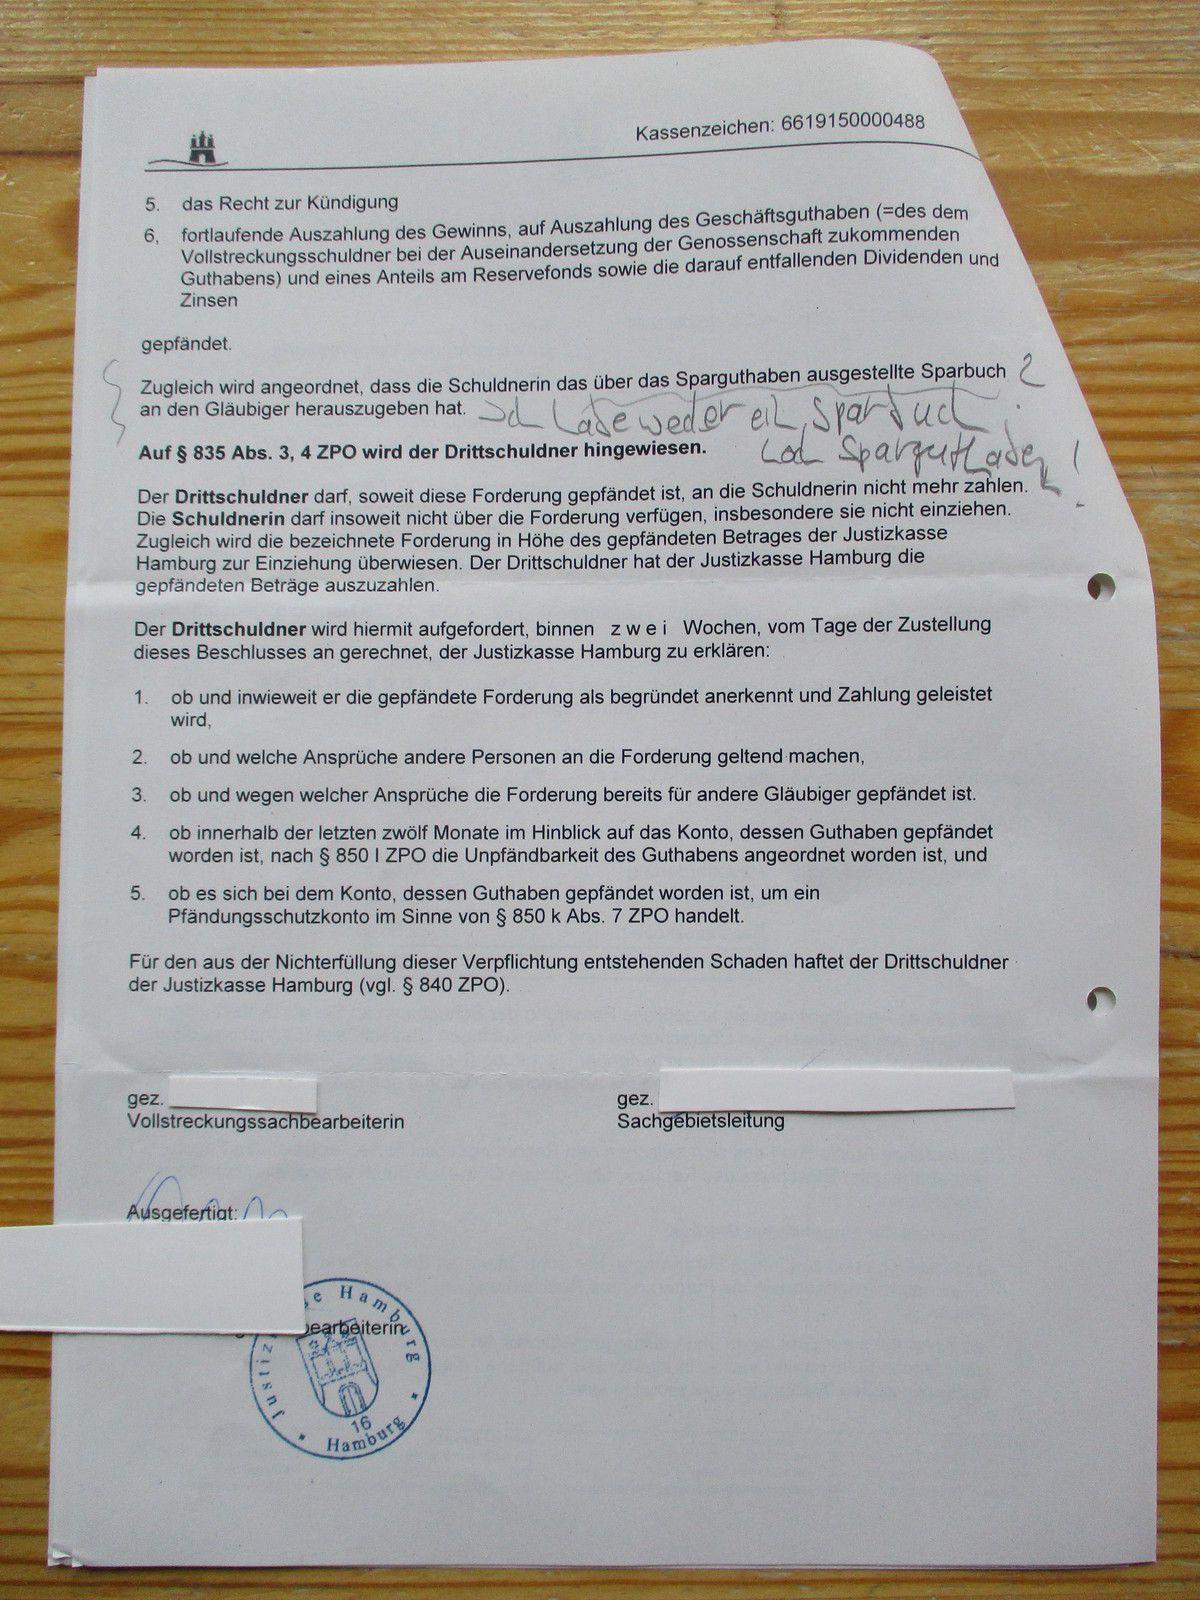 PfÜB der Justizkasse Hamburg, Seite 1 und 2. Ich muss selbstverständlich alle Namen und Aktenzeichen unkenntlich machen, um nicht erneut in Teufels Küche zu kommen. Ex scannt/kontrolliert ja nach wie vor meinen blog, mein fb-Profil und meinen twitter-account.